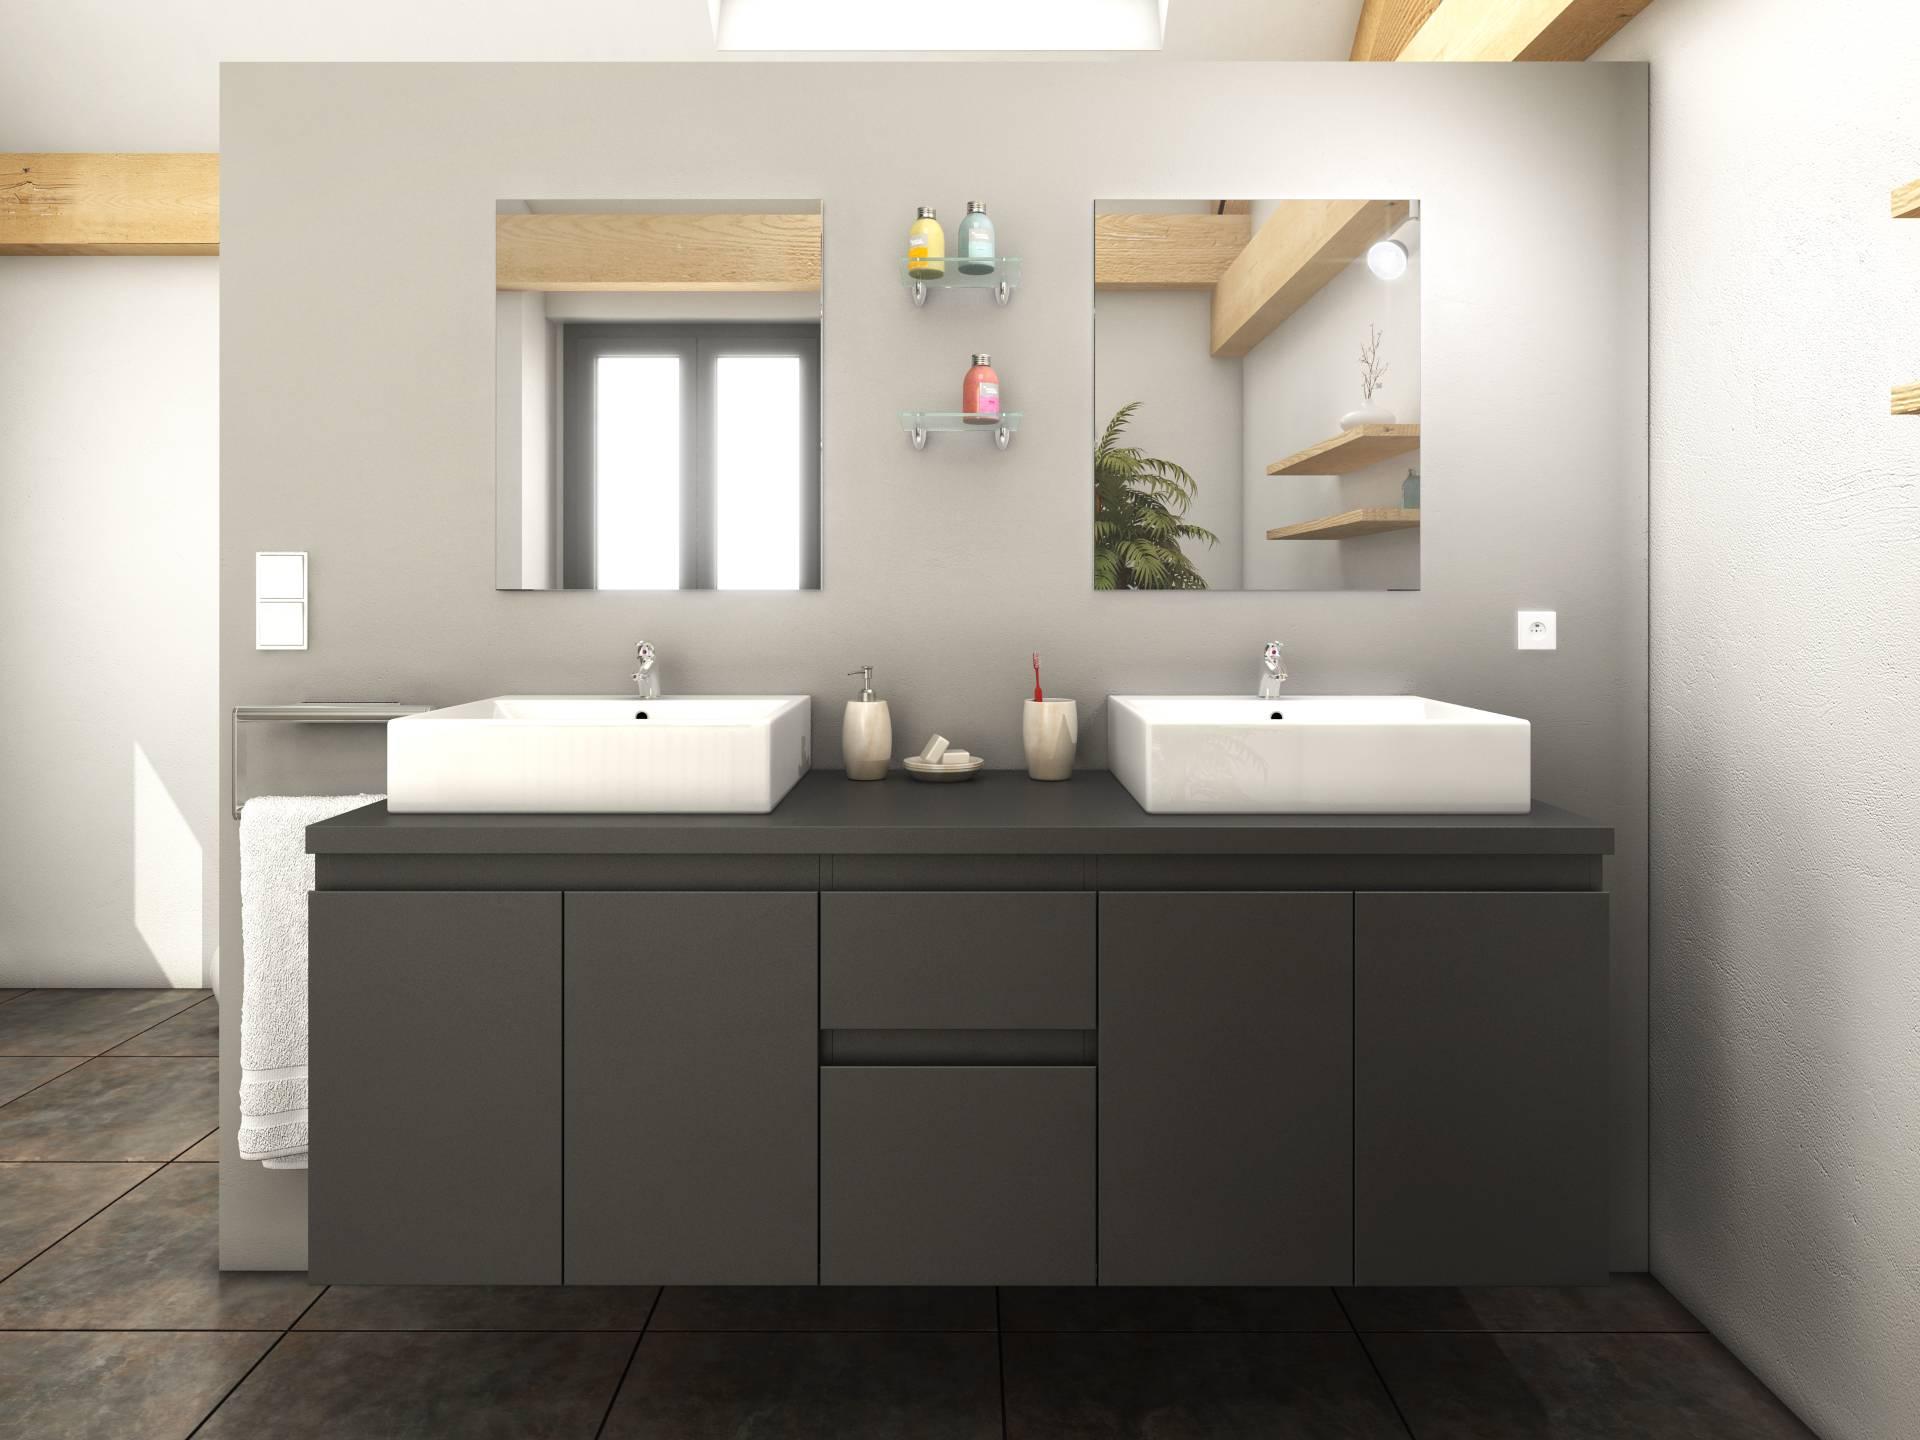 meuble de salle de bain gris mat 4 portes 2 tiroirs 2 vasques 2 miroirs cologne Résultat Supérieur 13 Impressionnant Meuble Salle De Bain 2 Vasques Image 2017 Sjd8